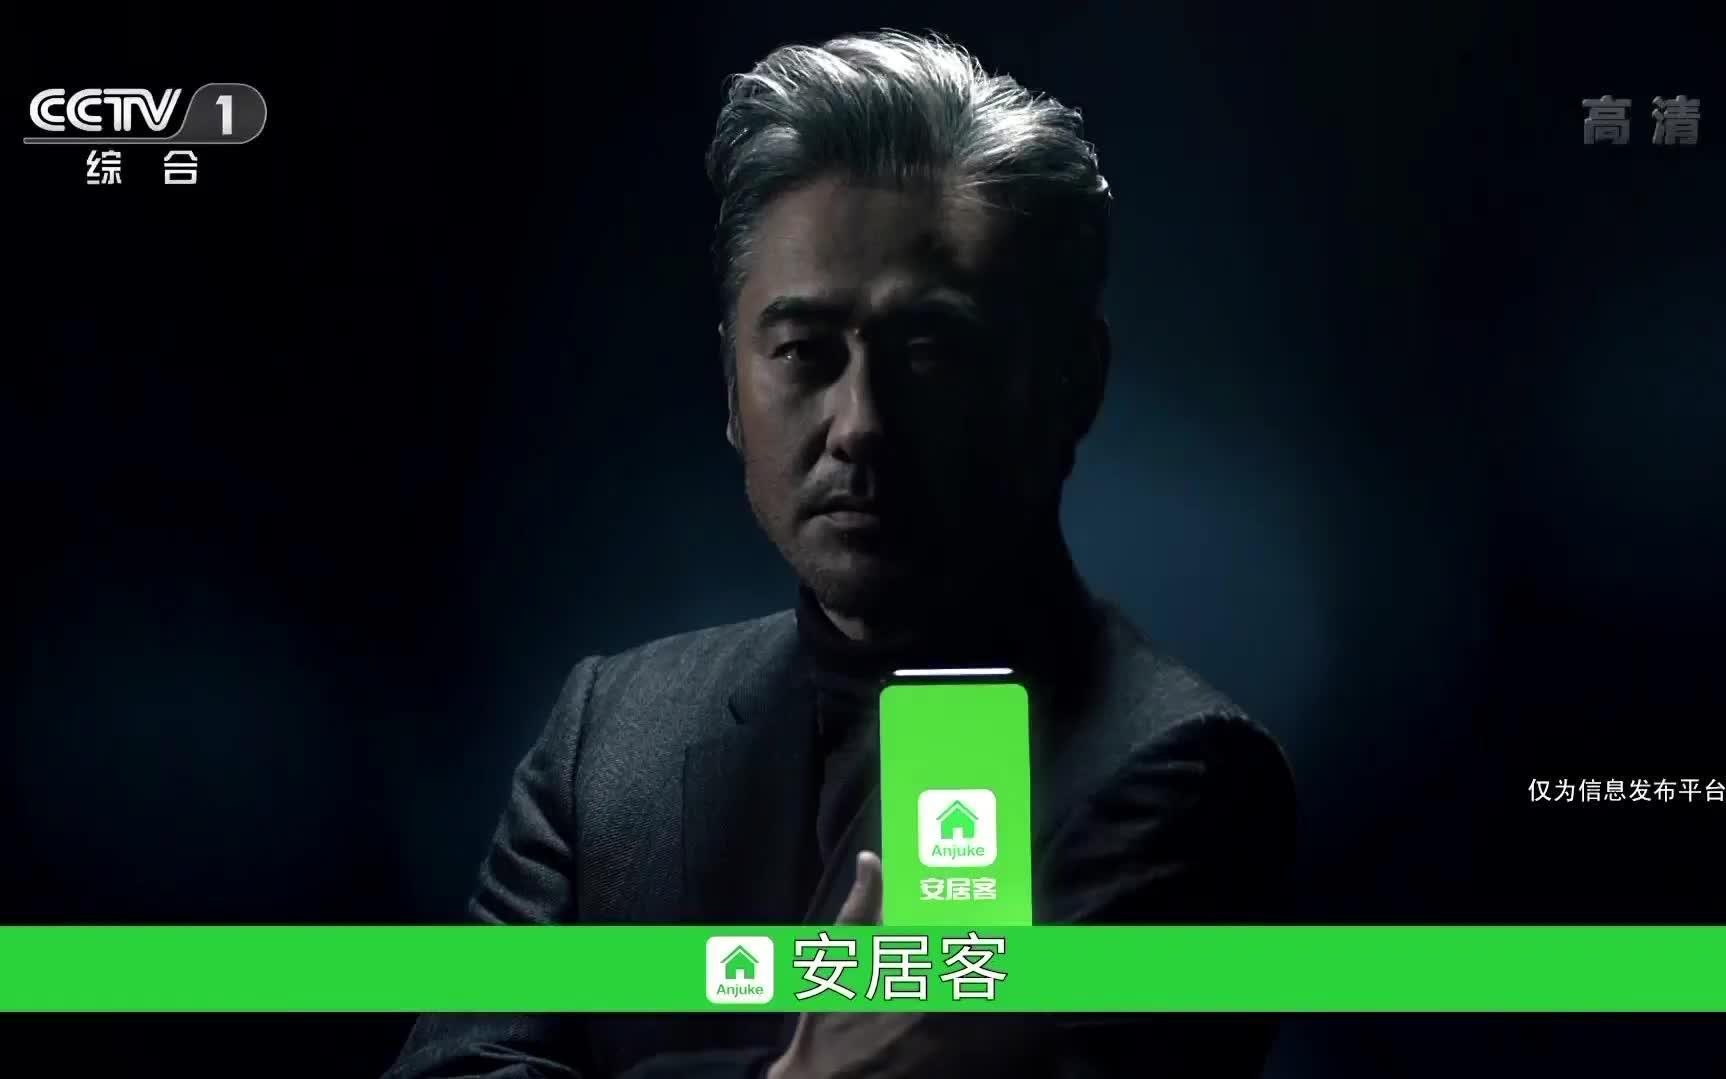 央视广告欣赏-安居客-3